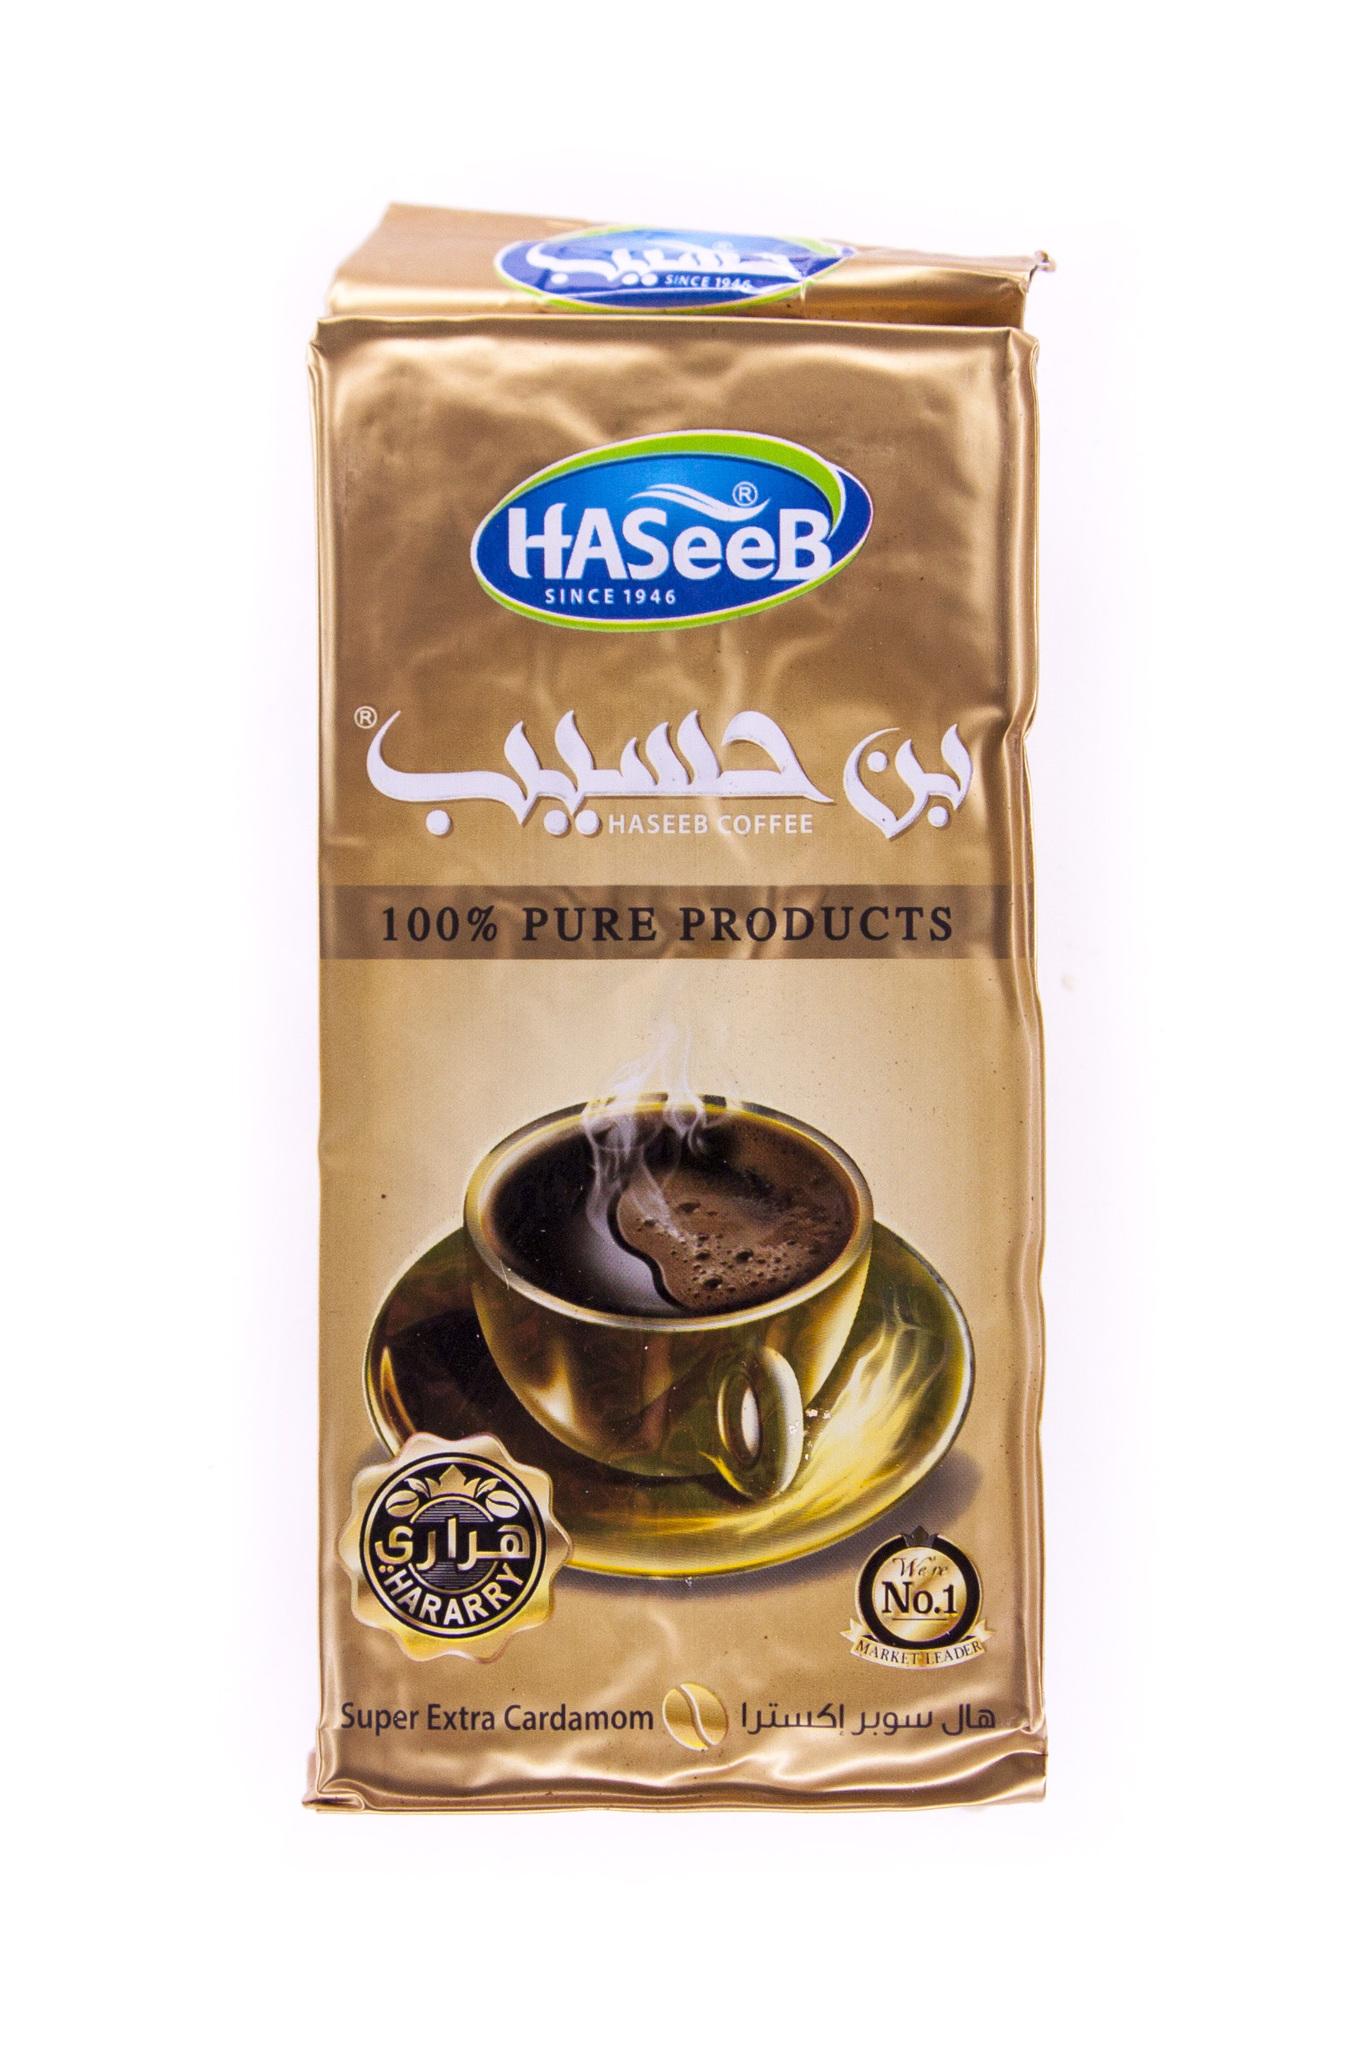 Кофе молотый Арабский кофе Super Extra Cardamom, Haseeb, 200 г import_files_dc_dcdcf3f8281b11e89e26448a5b3752ae_3cd7c28e37fe11e8a993484d7ecee297.jpg